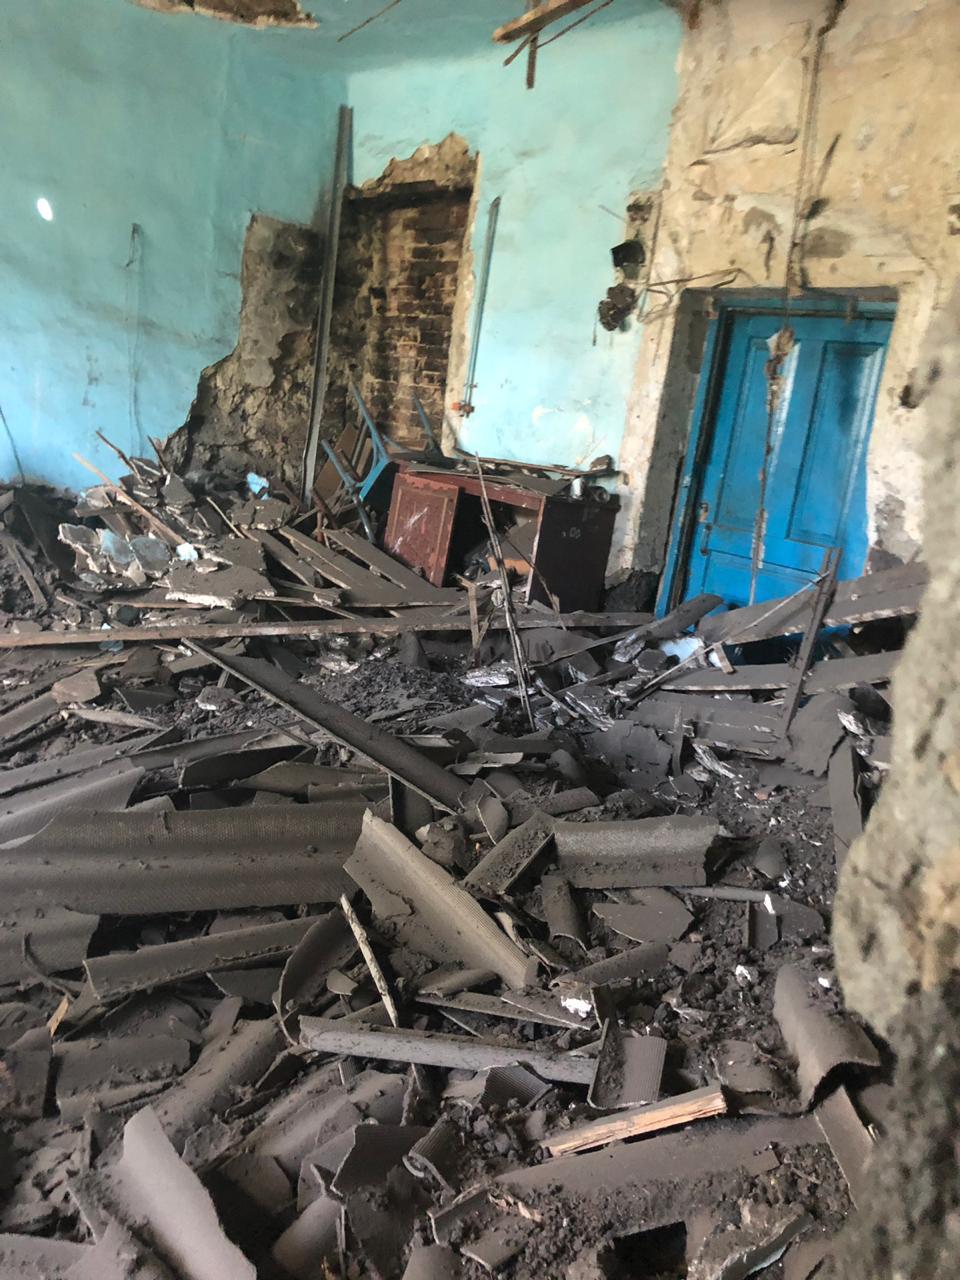 В доме 2 рухнул потолок. И это не шоу, а новороссийская реальность